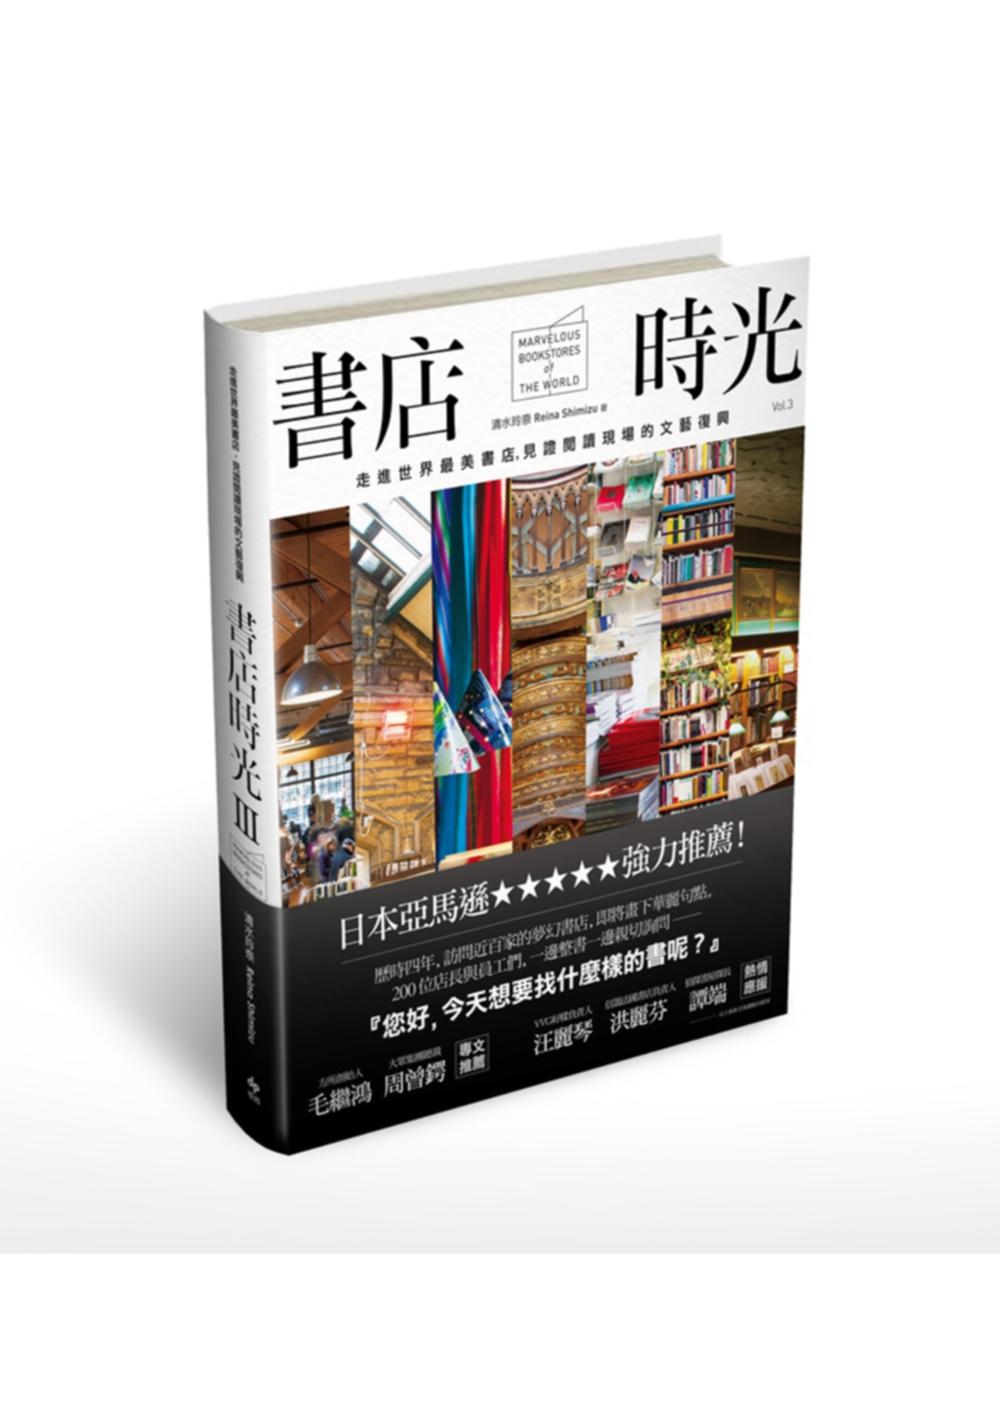 書店時光 III:走進世界最美的書店,見證閱讀現場的文藝復興